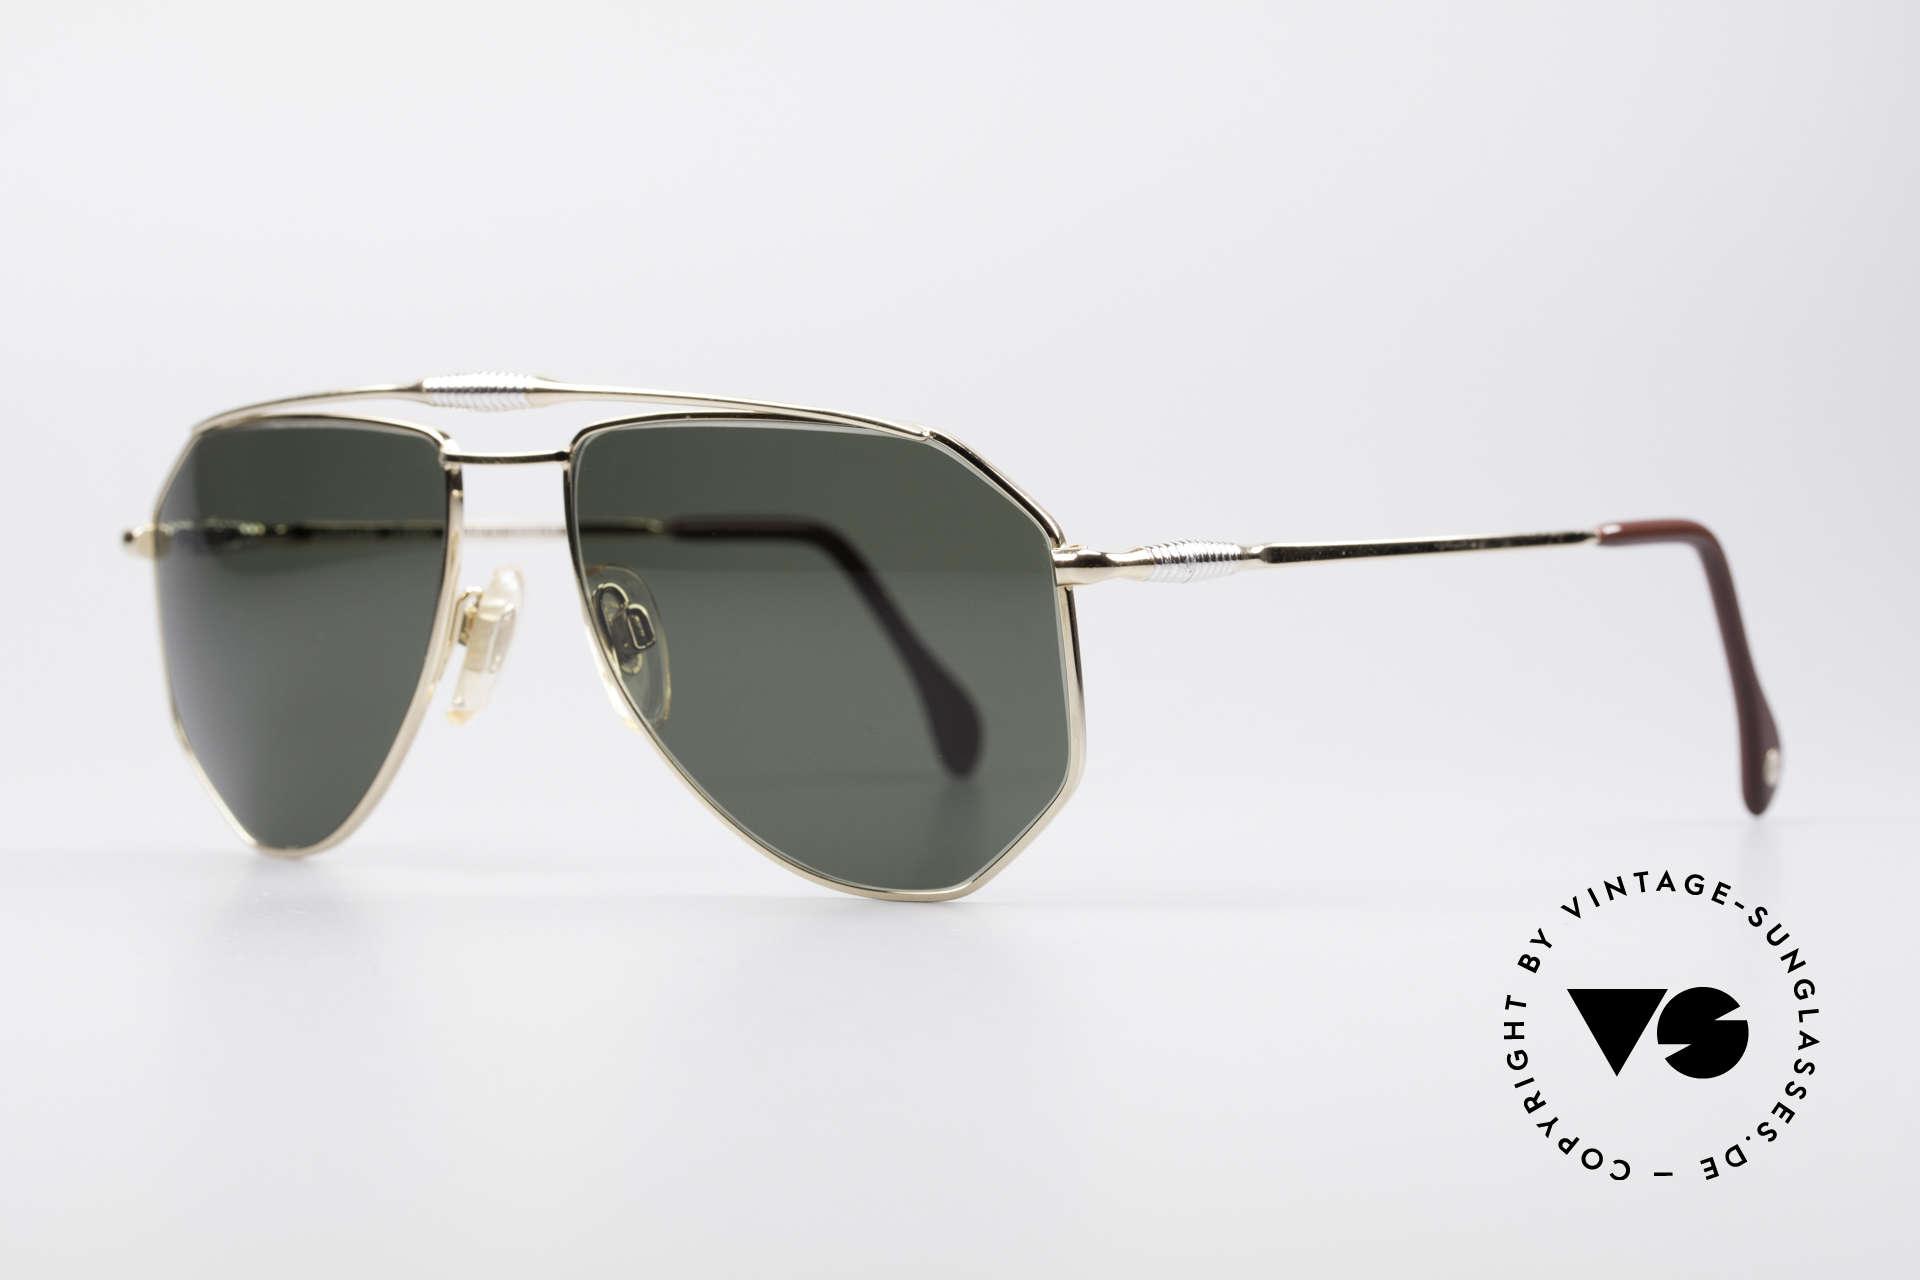 Zollitsch Cadre 120 Medium Piloten Sonnenbrille, interessante Alternative zur gewöhnlichen Pilotenform, Passend für Herren